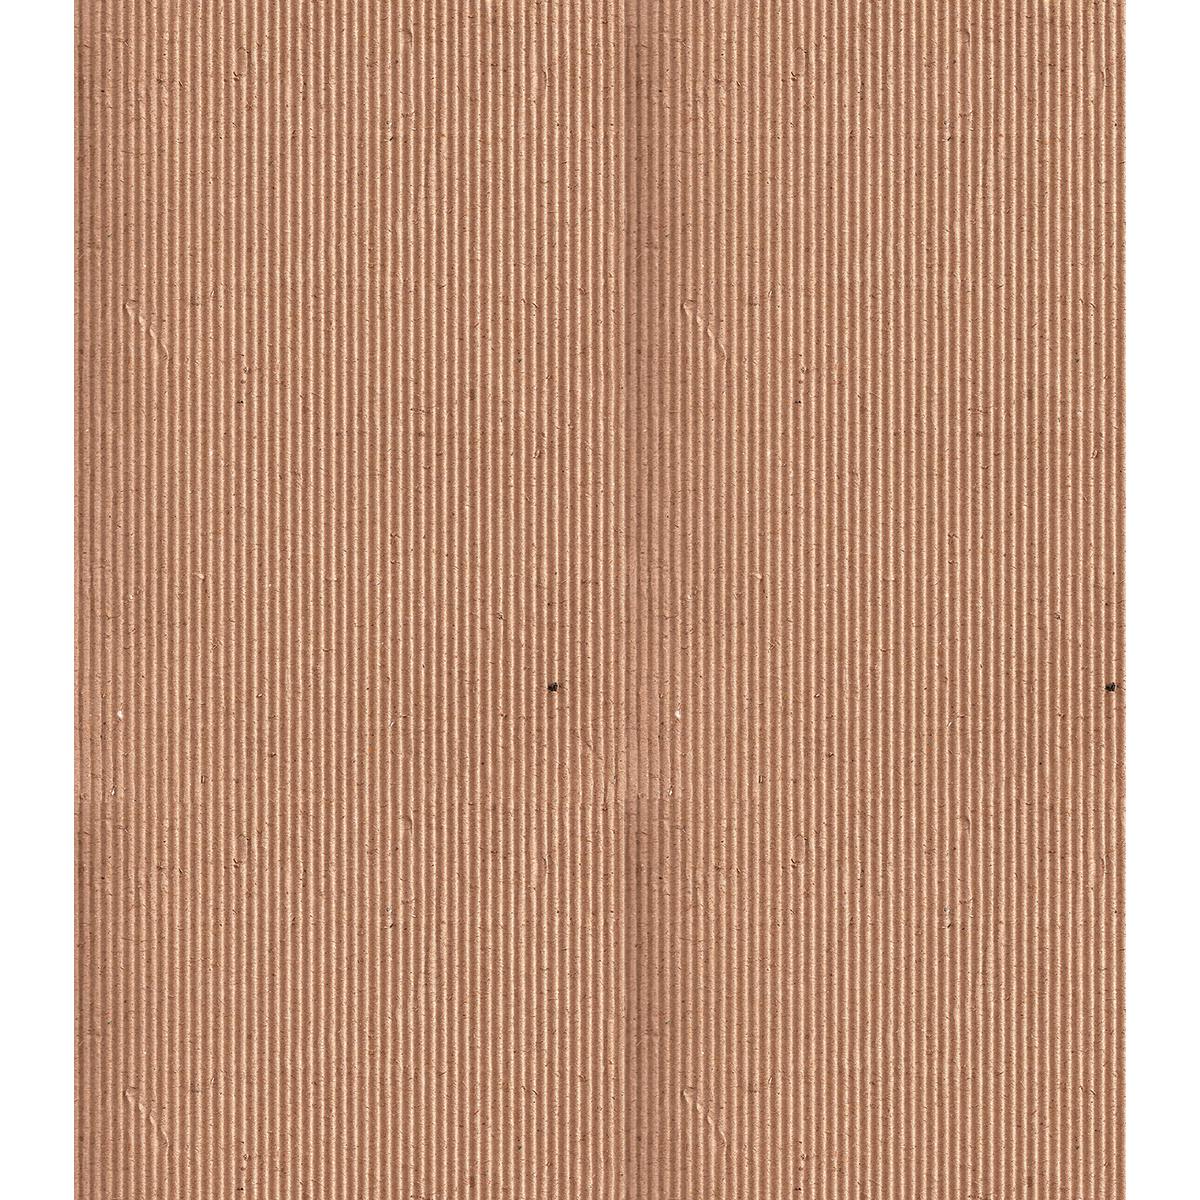 Deco Paper Corrugated Board